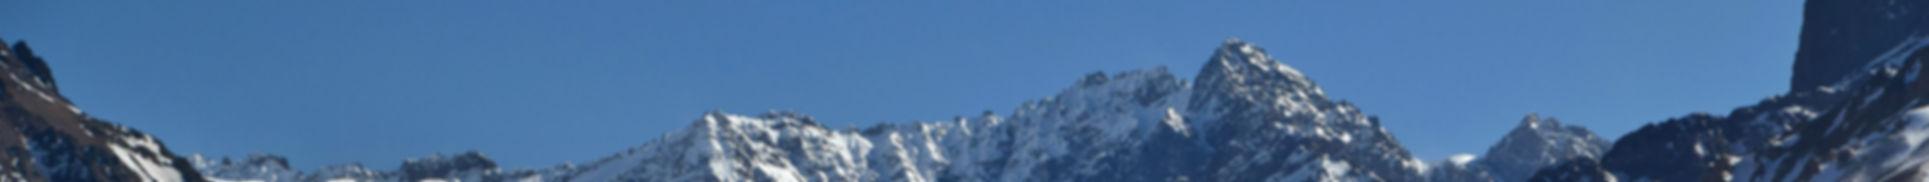 Banner Andes Mendoza1.jpg